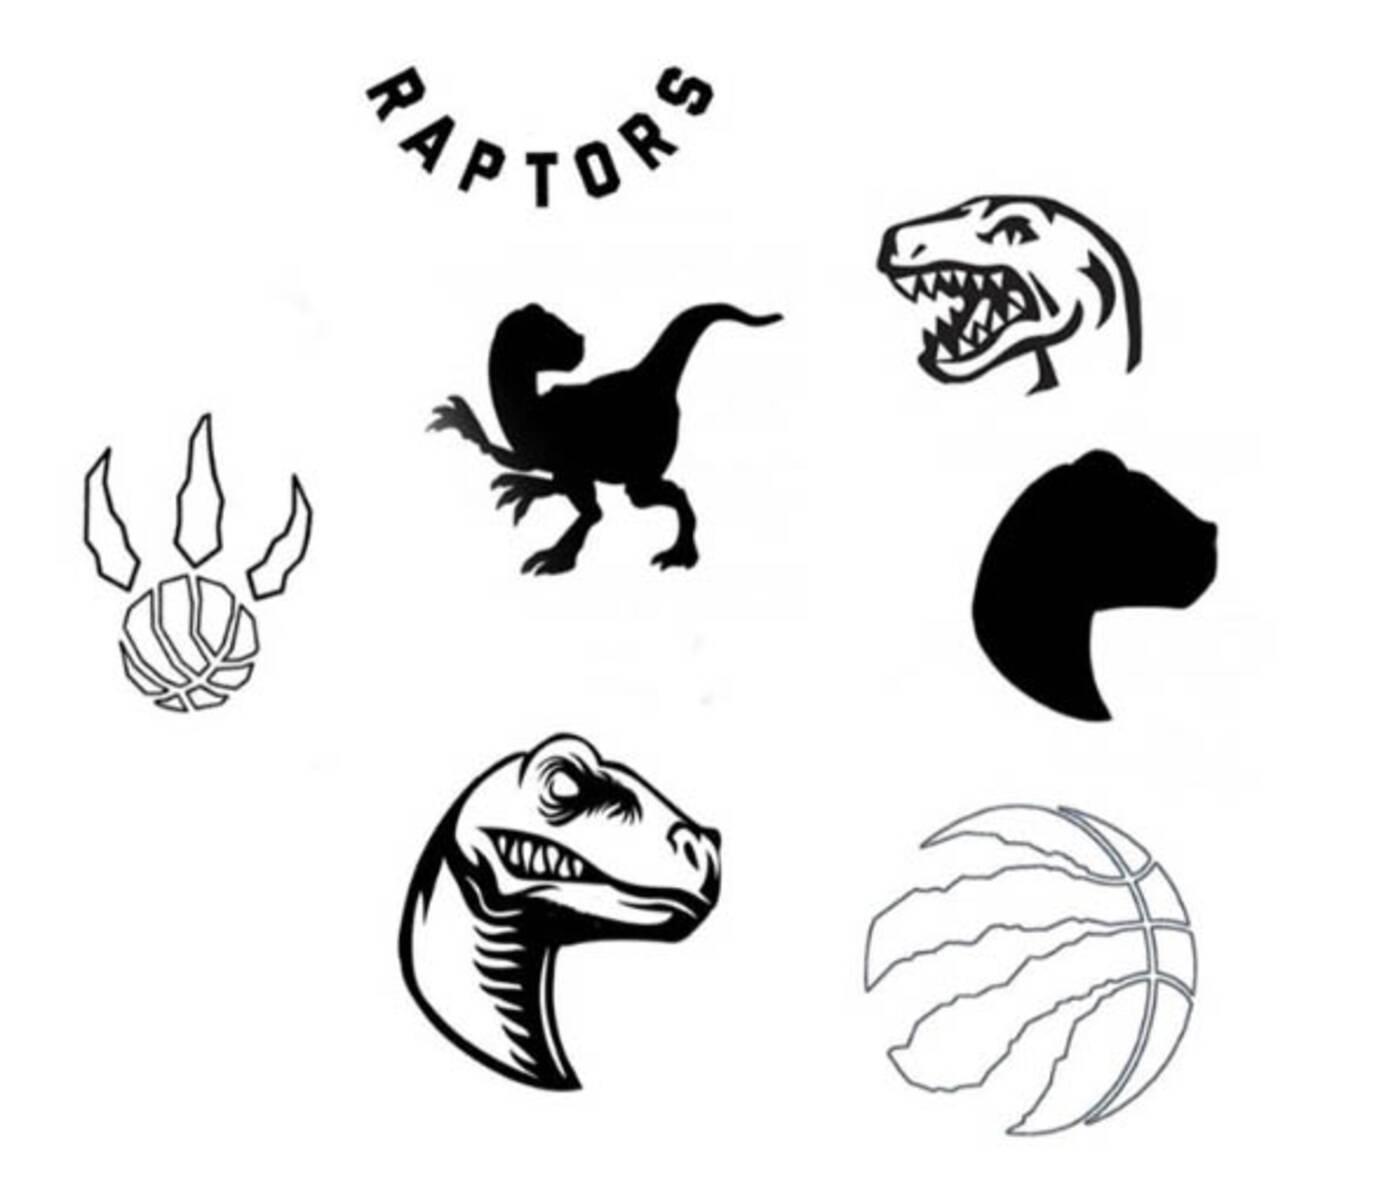 raptors free tattoos